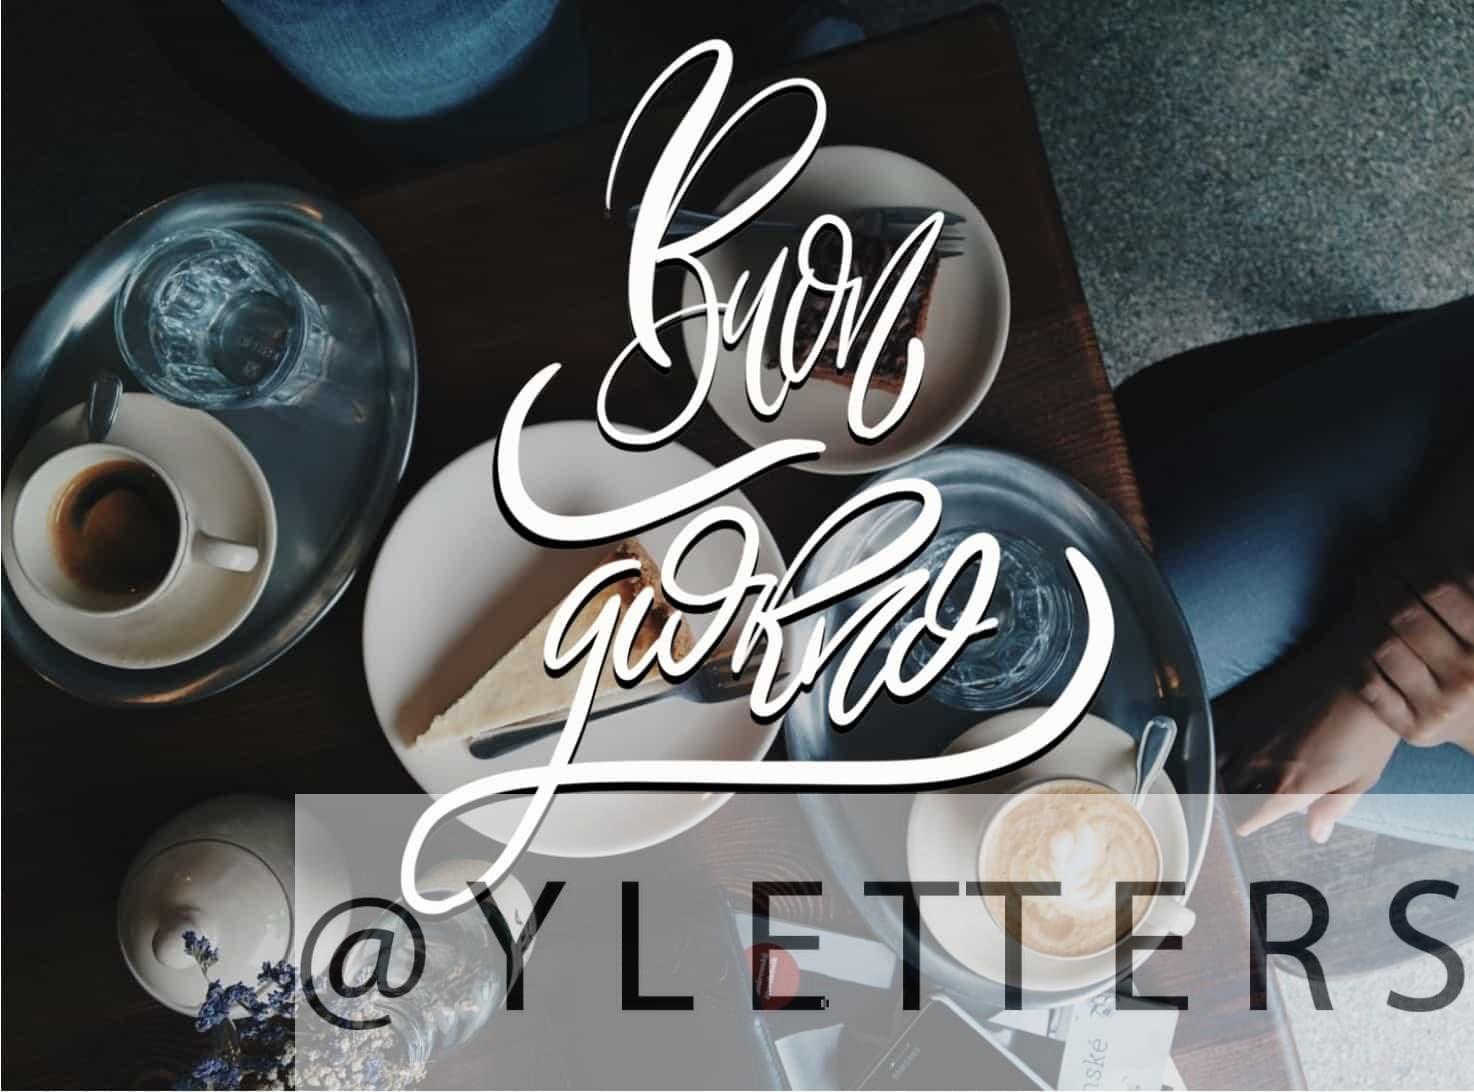 Immagini buongiorno a tutti con il caffè